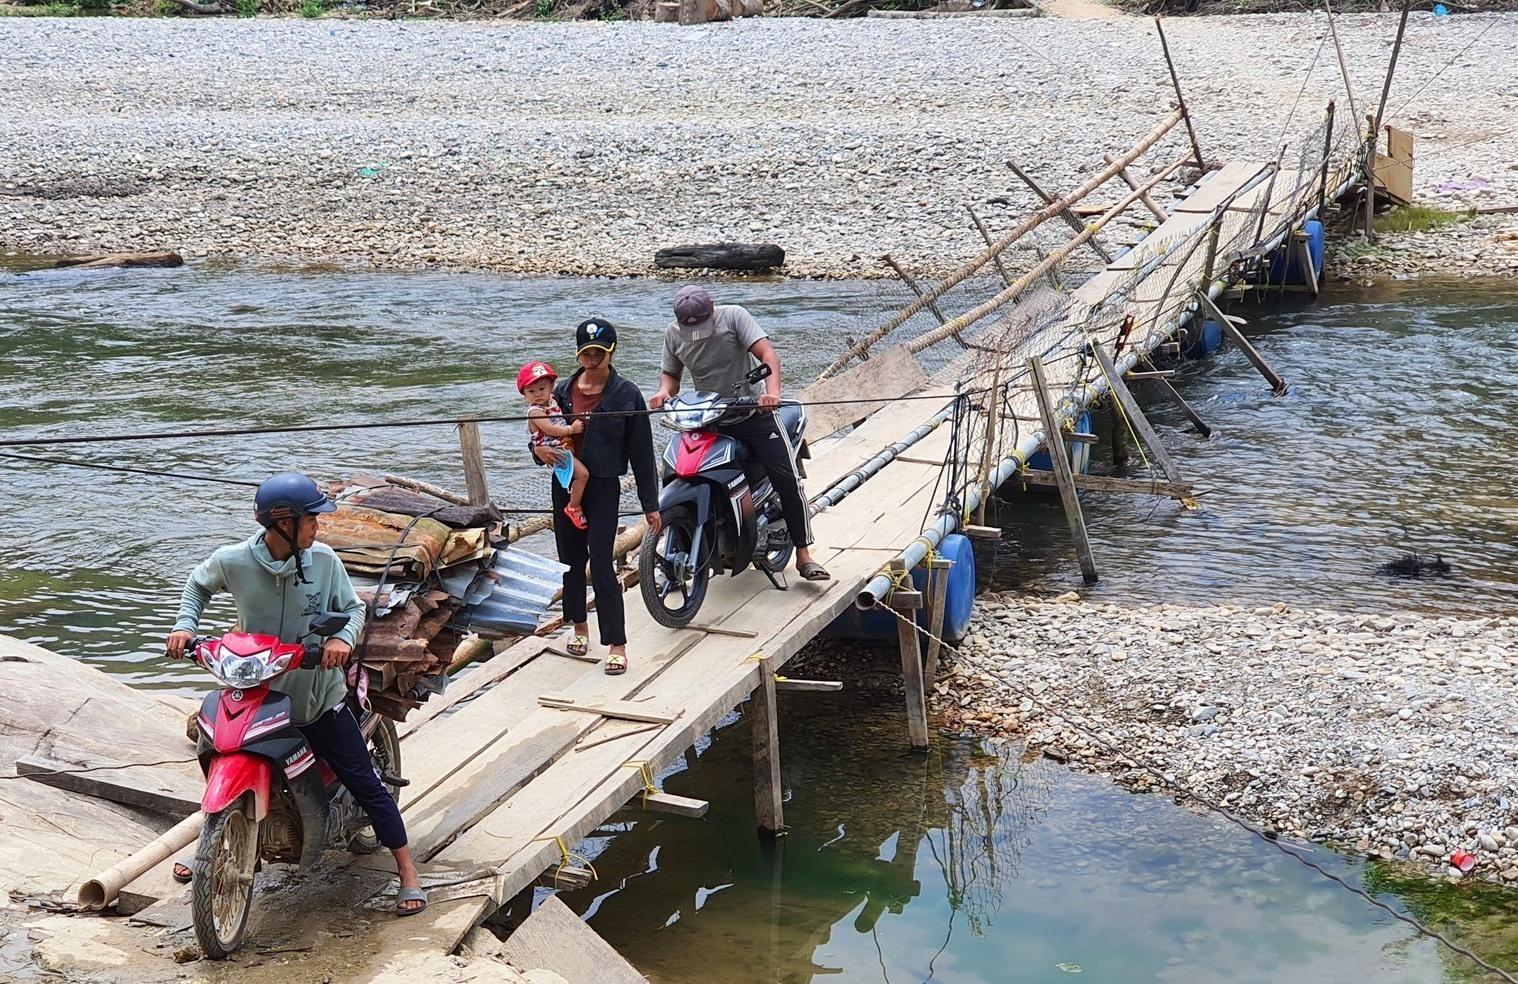 Cầu tạm bắt qua sông Bui do người dân làm để vượt sông. Ảnh: B.A